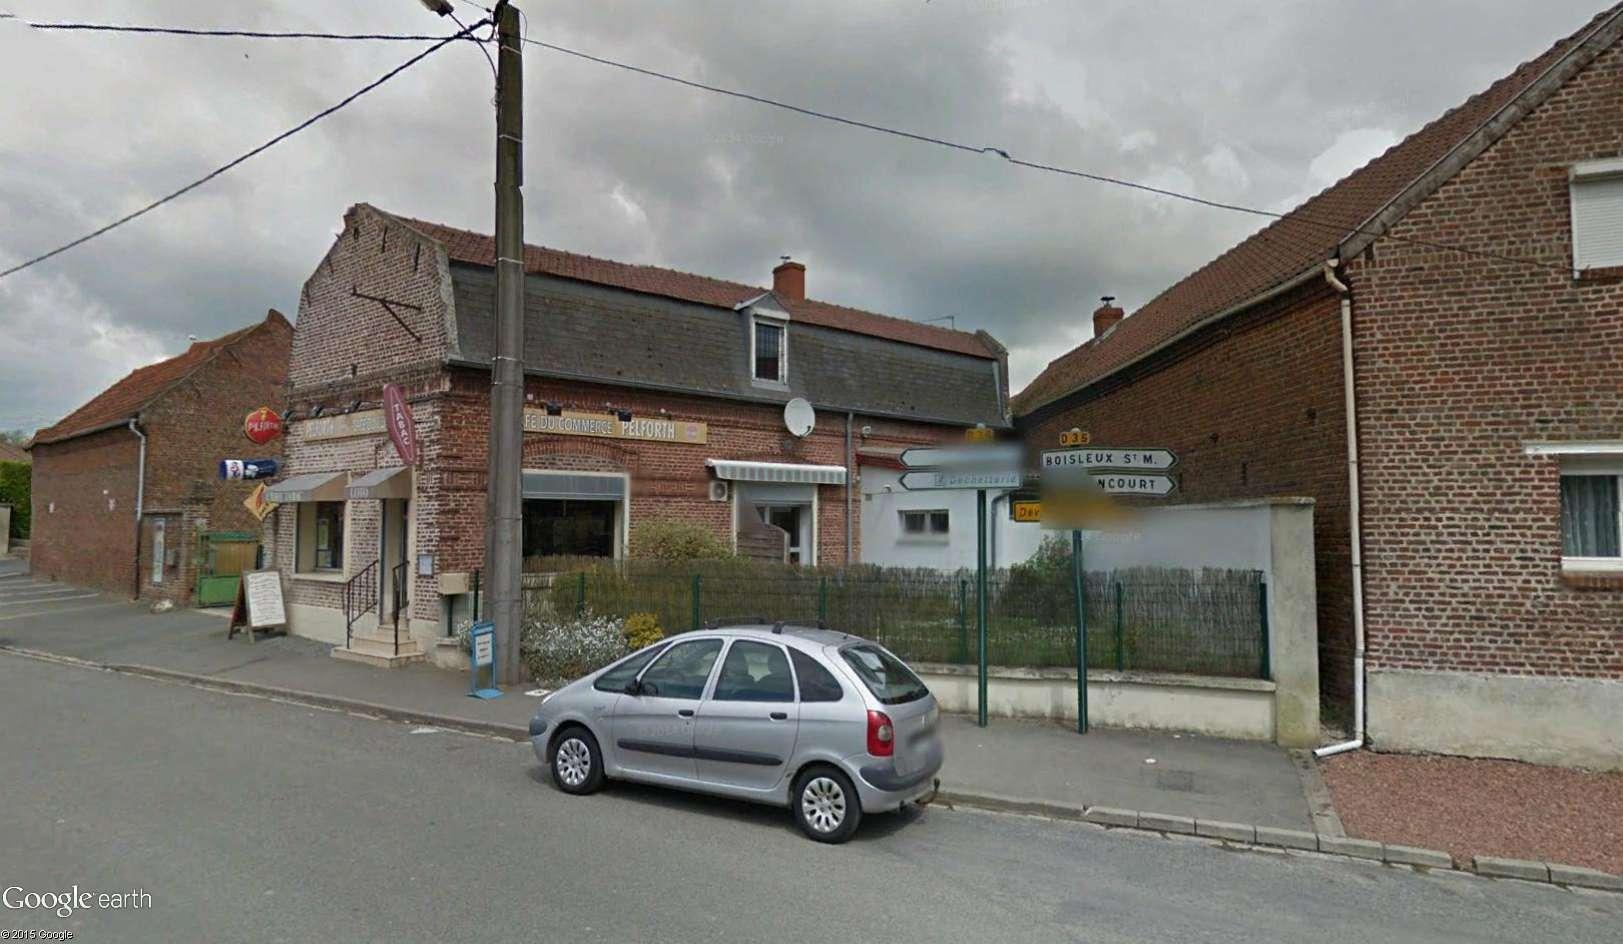 Brasserie du Commerce : à la poursuite d'une institution française - Page 2 Boisle11